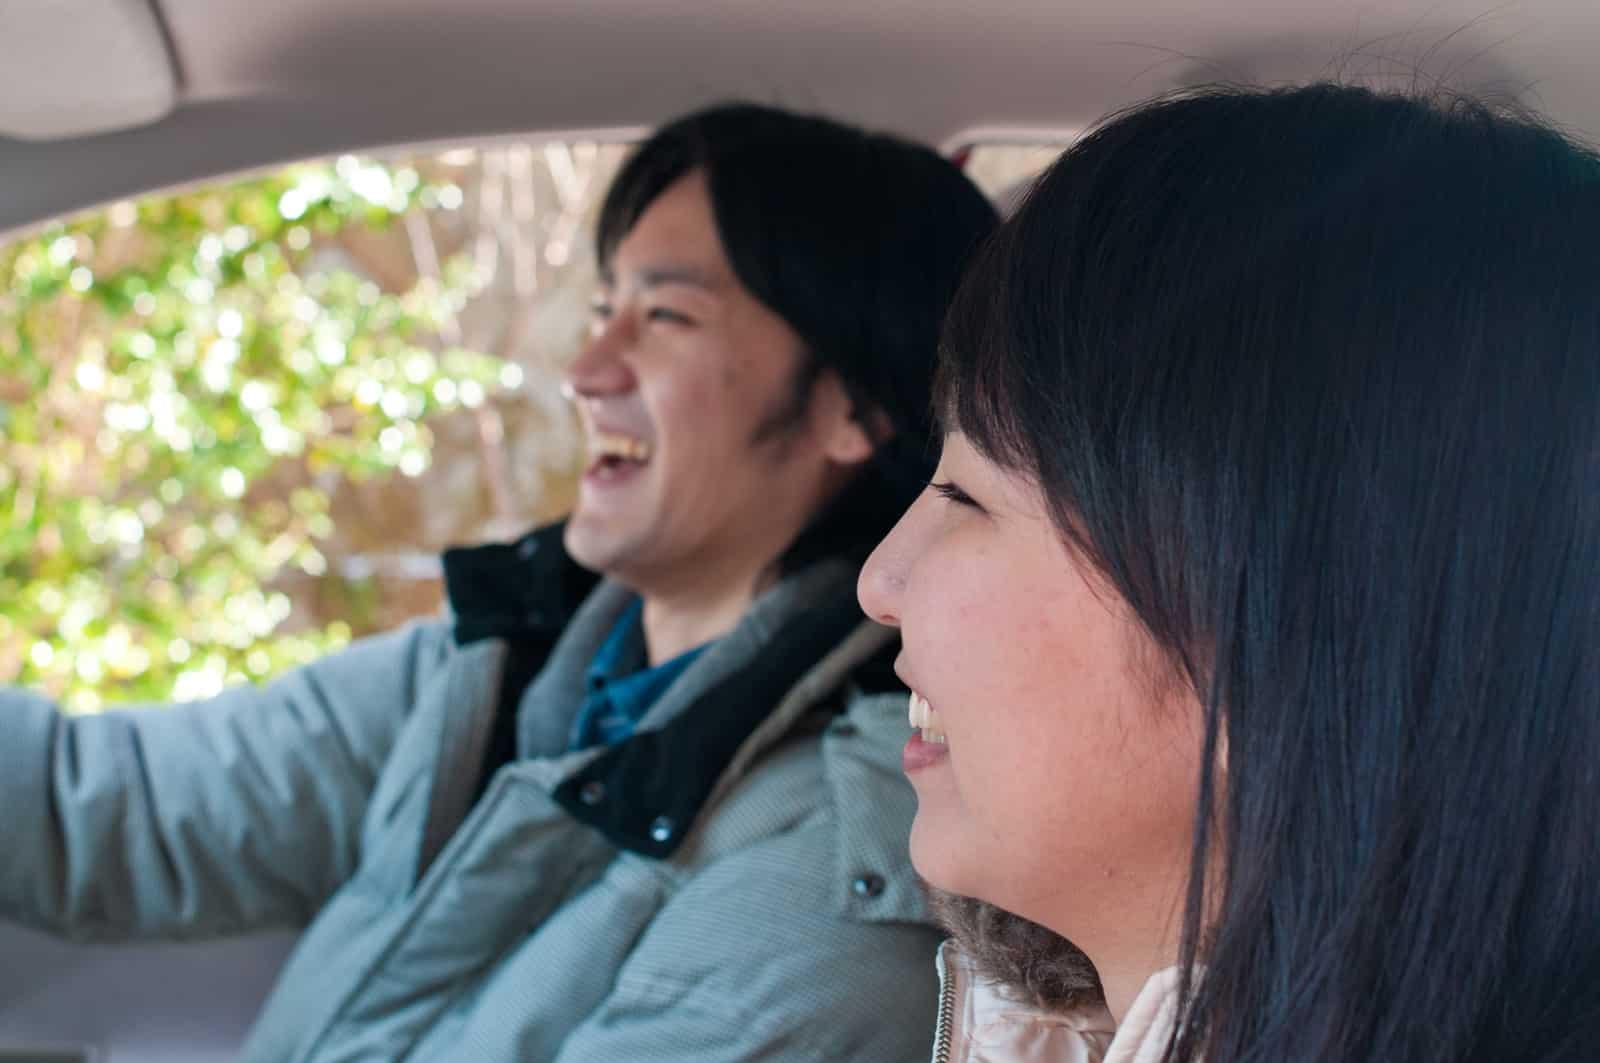 ドライブ・デート